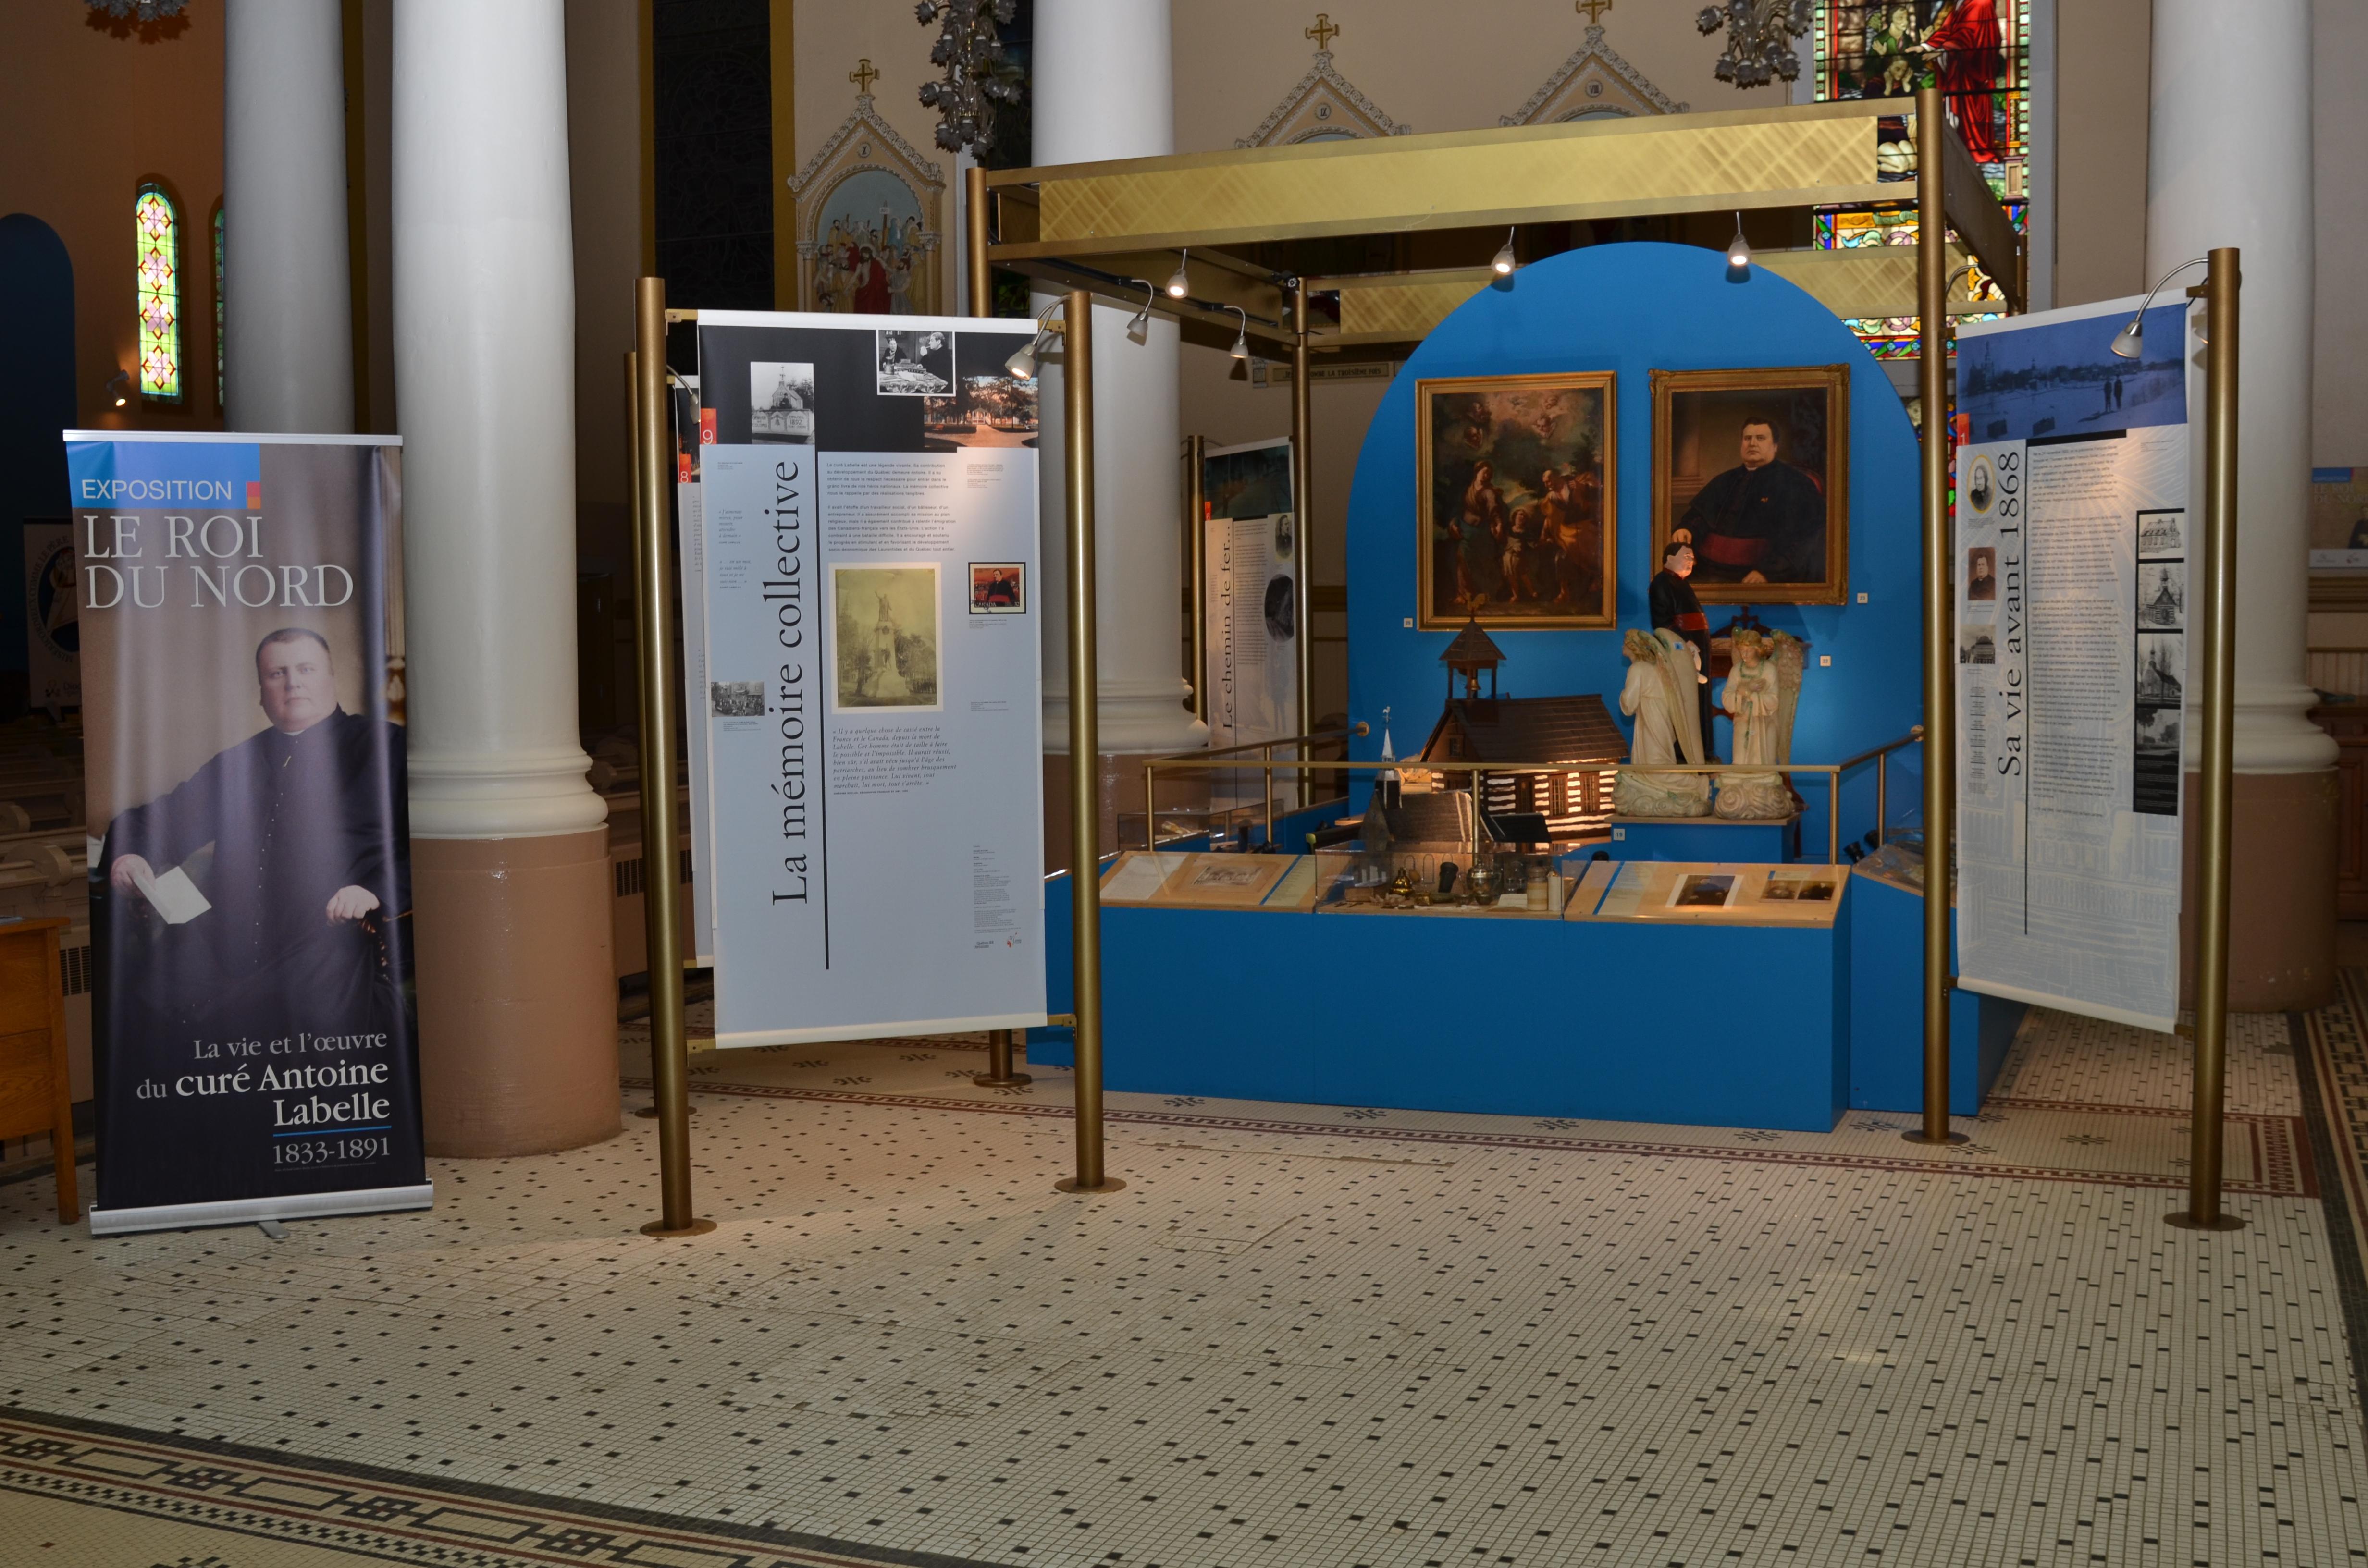 Photographie couleur de panneaux de textes et d'images d'une exposition entourant des vitrines d'objets.